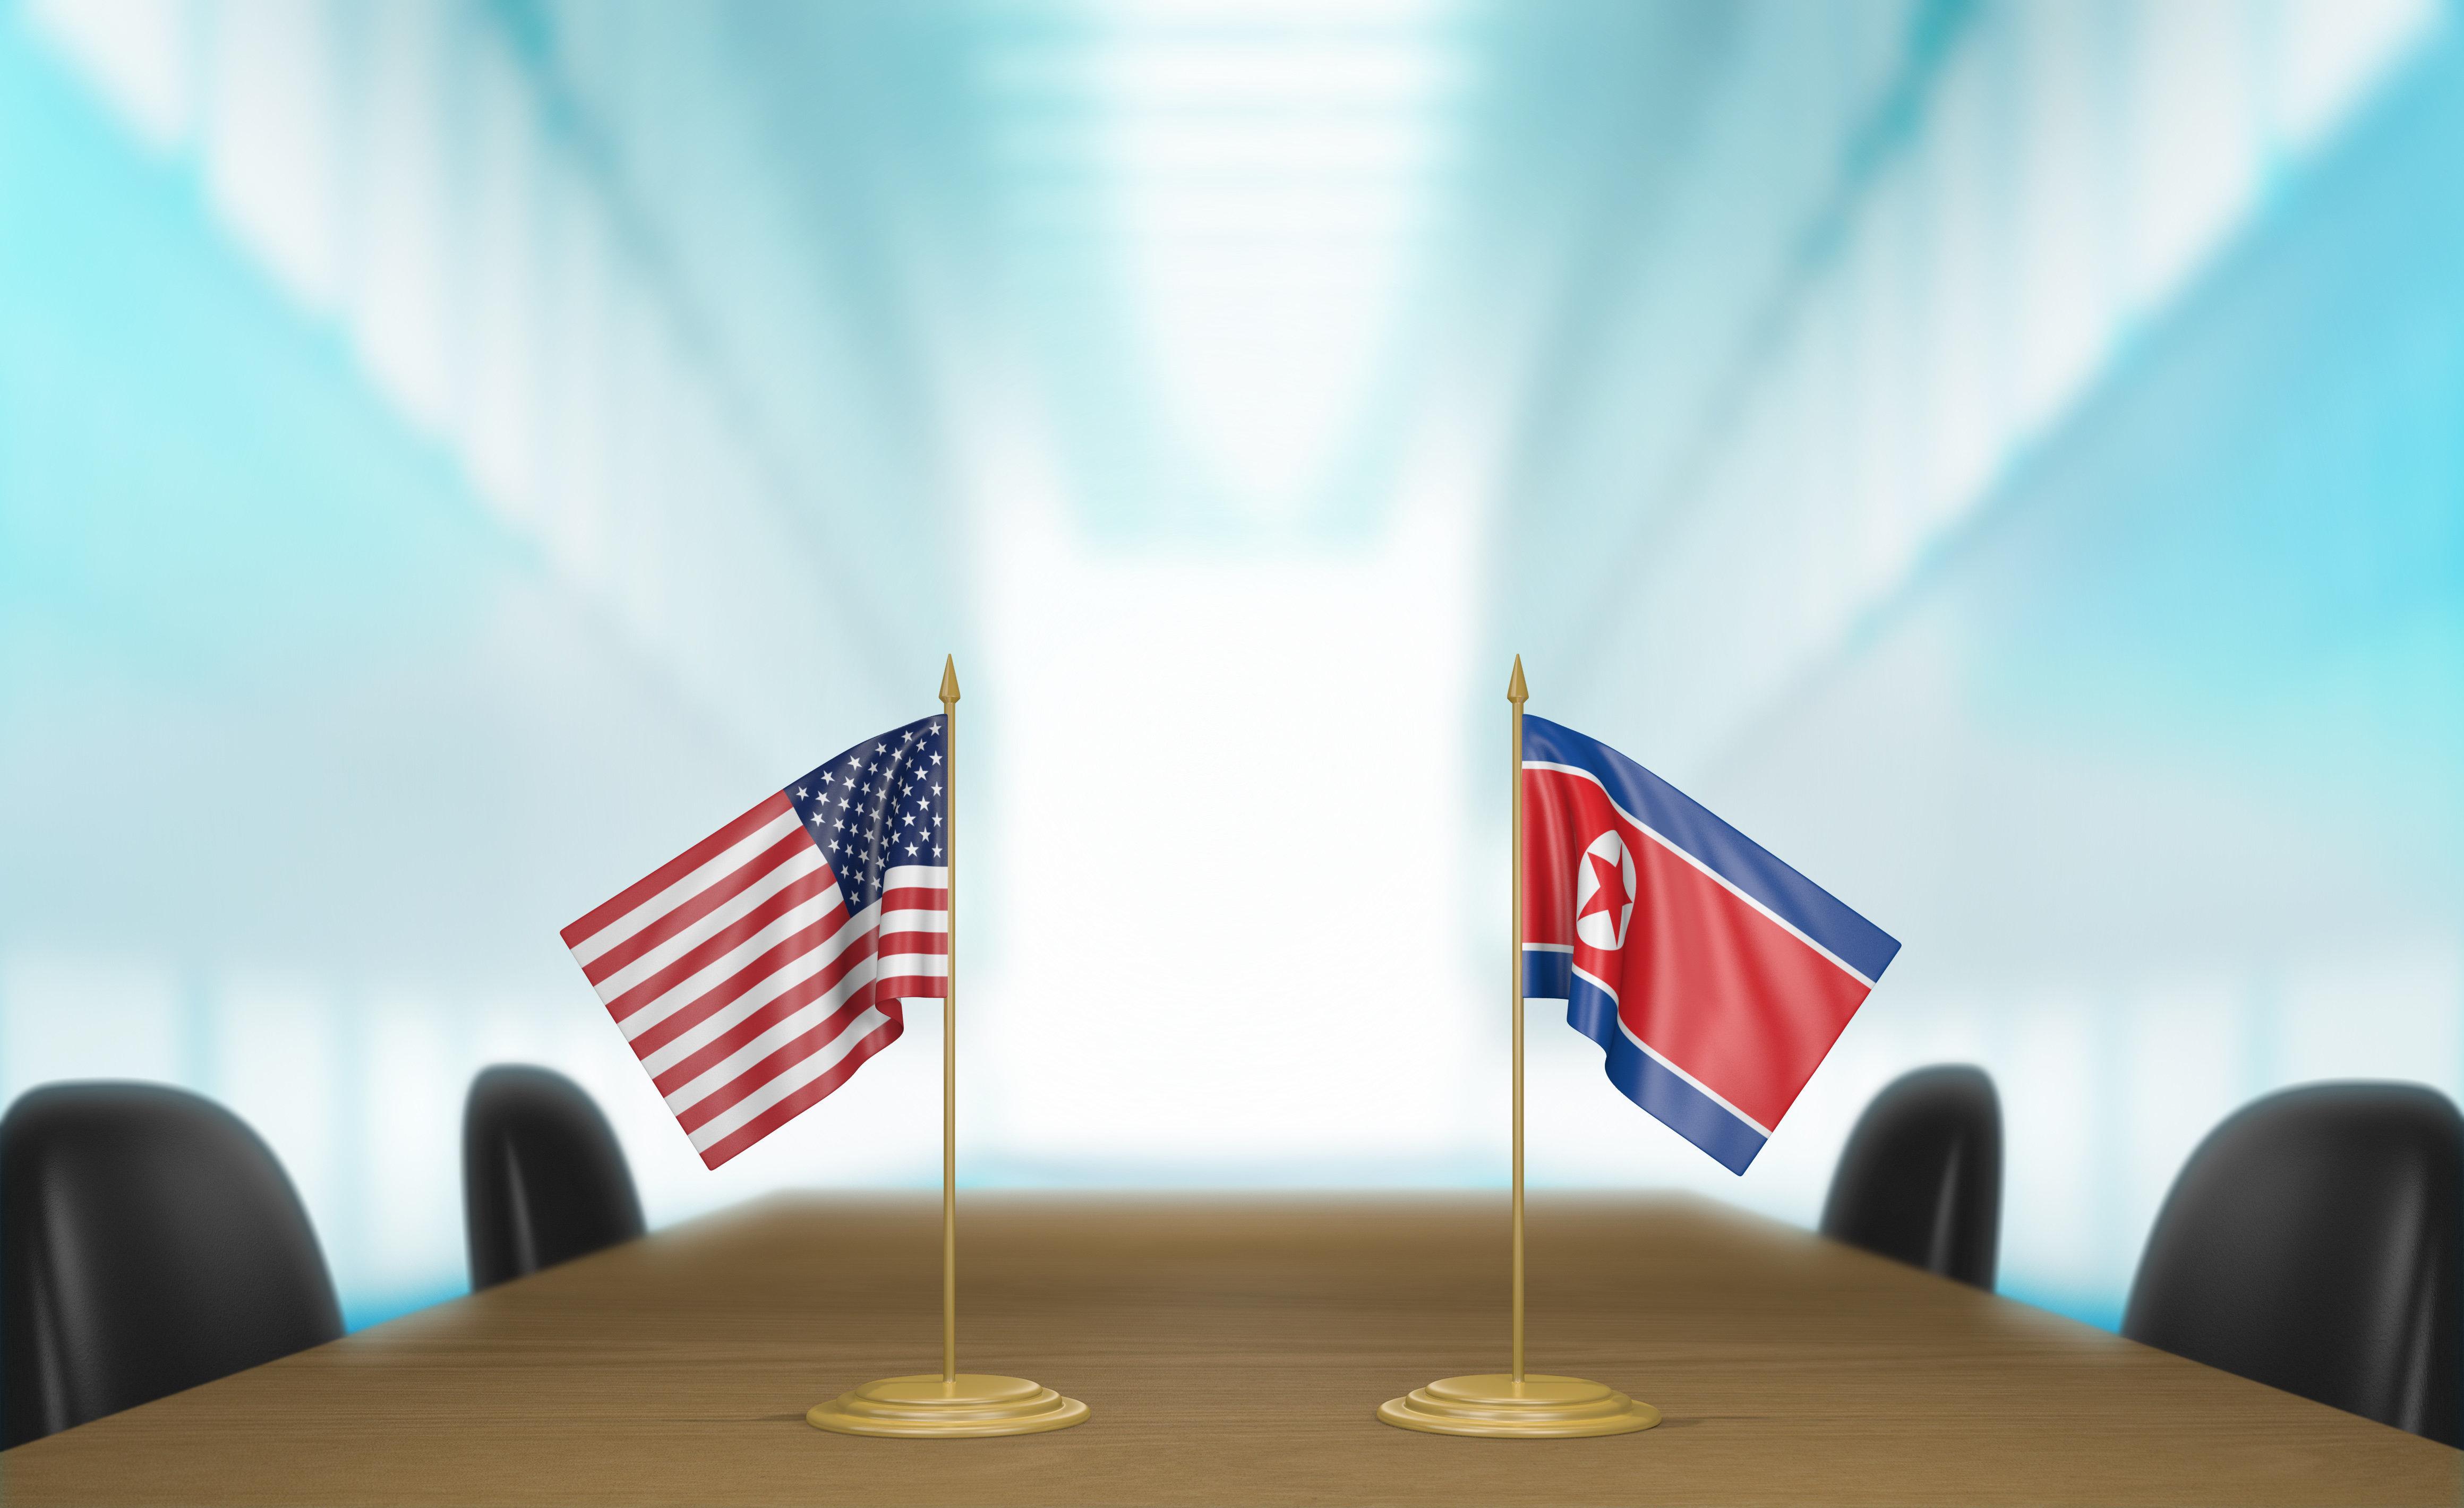 북미 정상회담 후보지로 제네바와 싱가포르가 떠오르고 있다